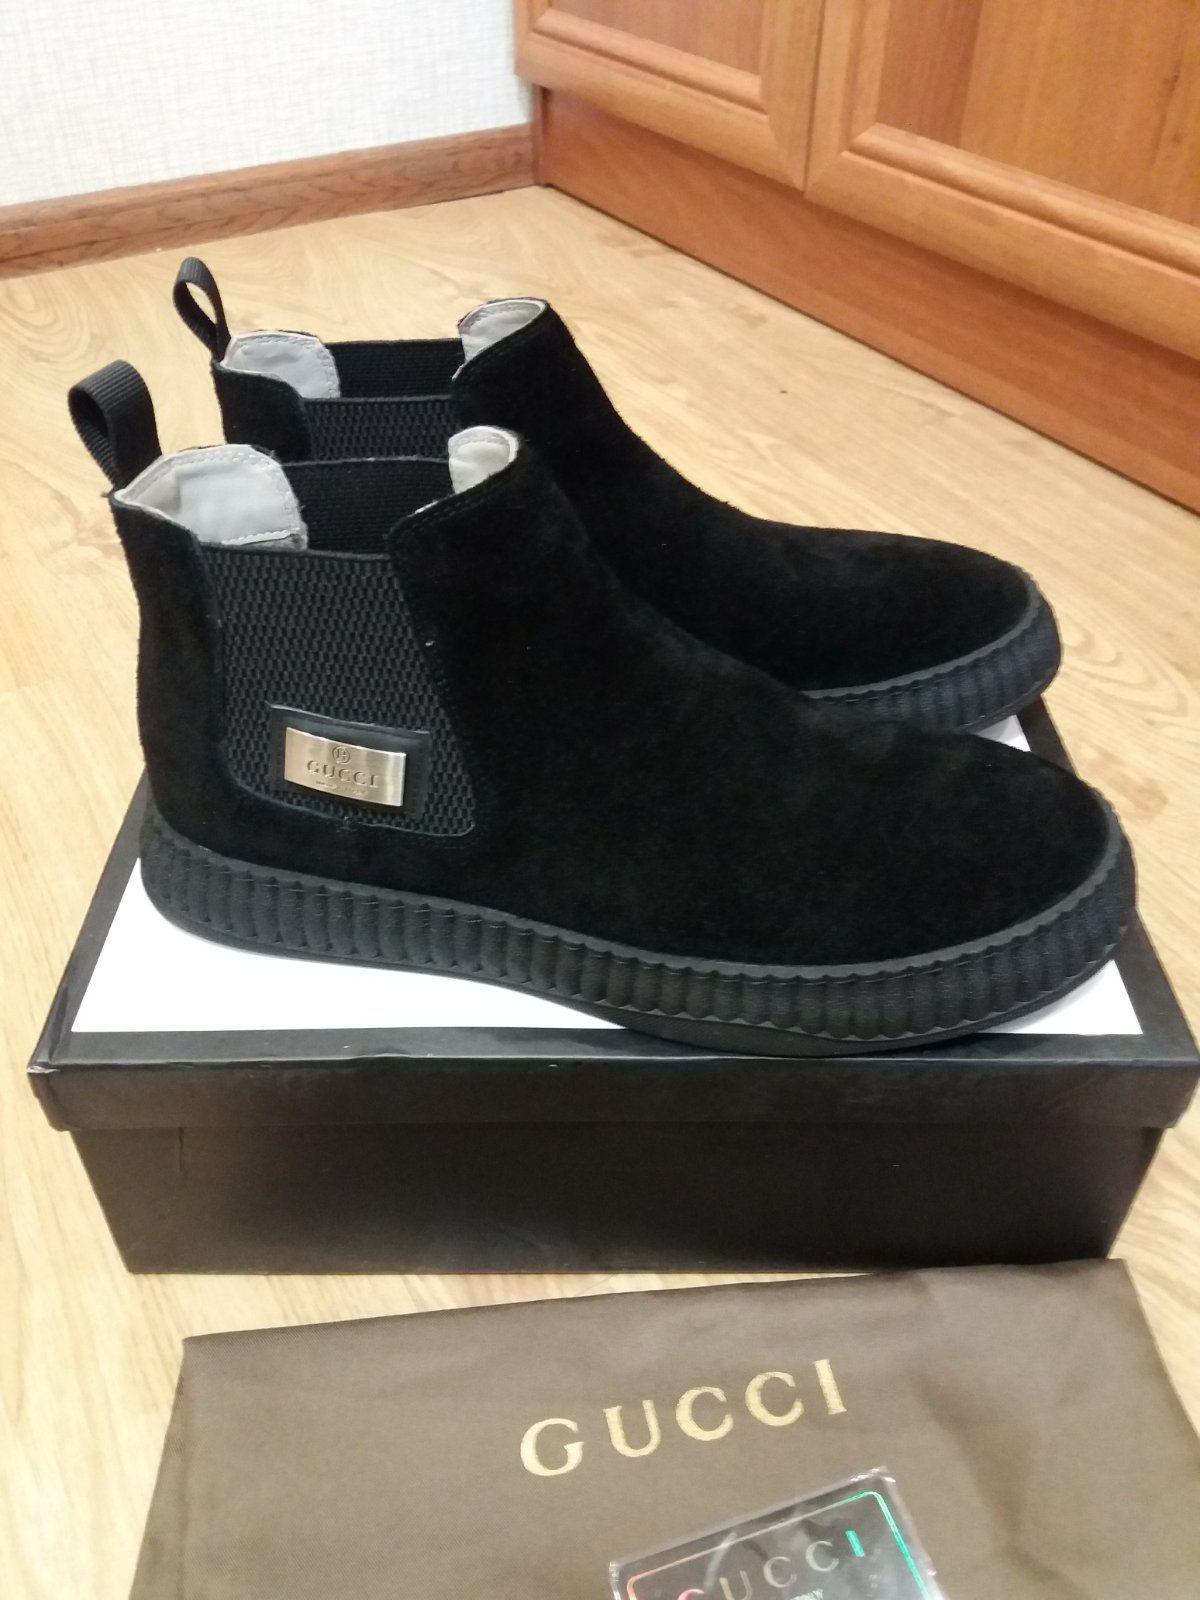 Gucci ботинки 41 42 43 мужские замшевые челси Гуччи купить в Украине